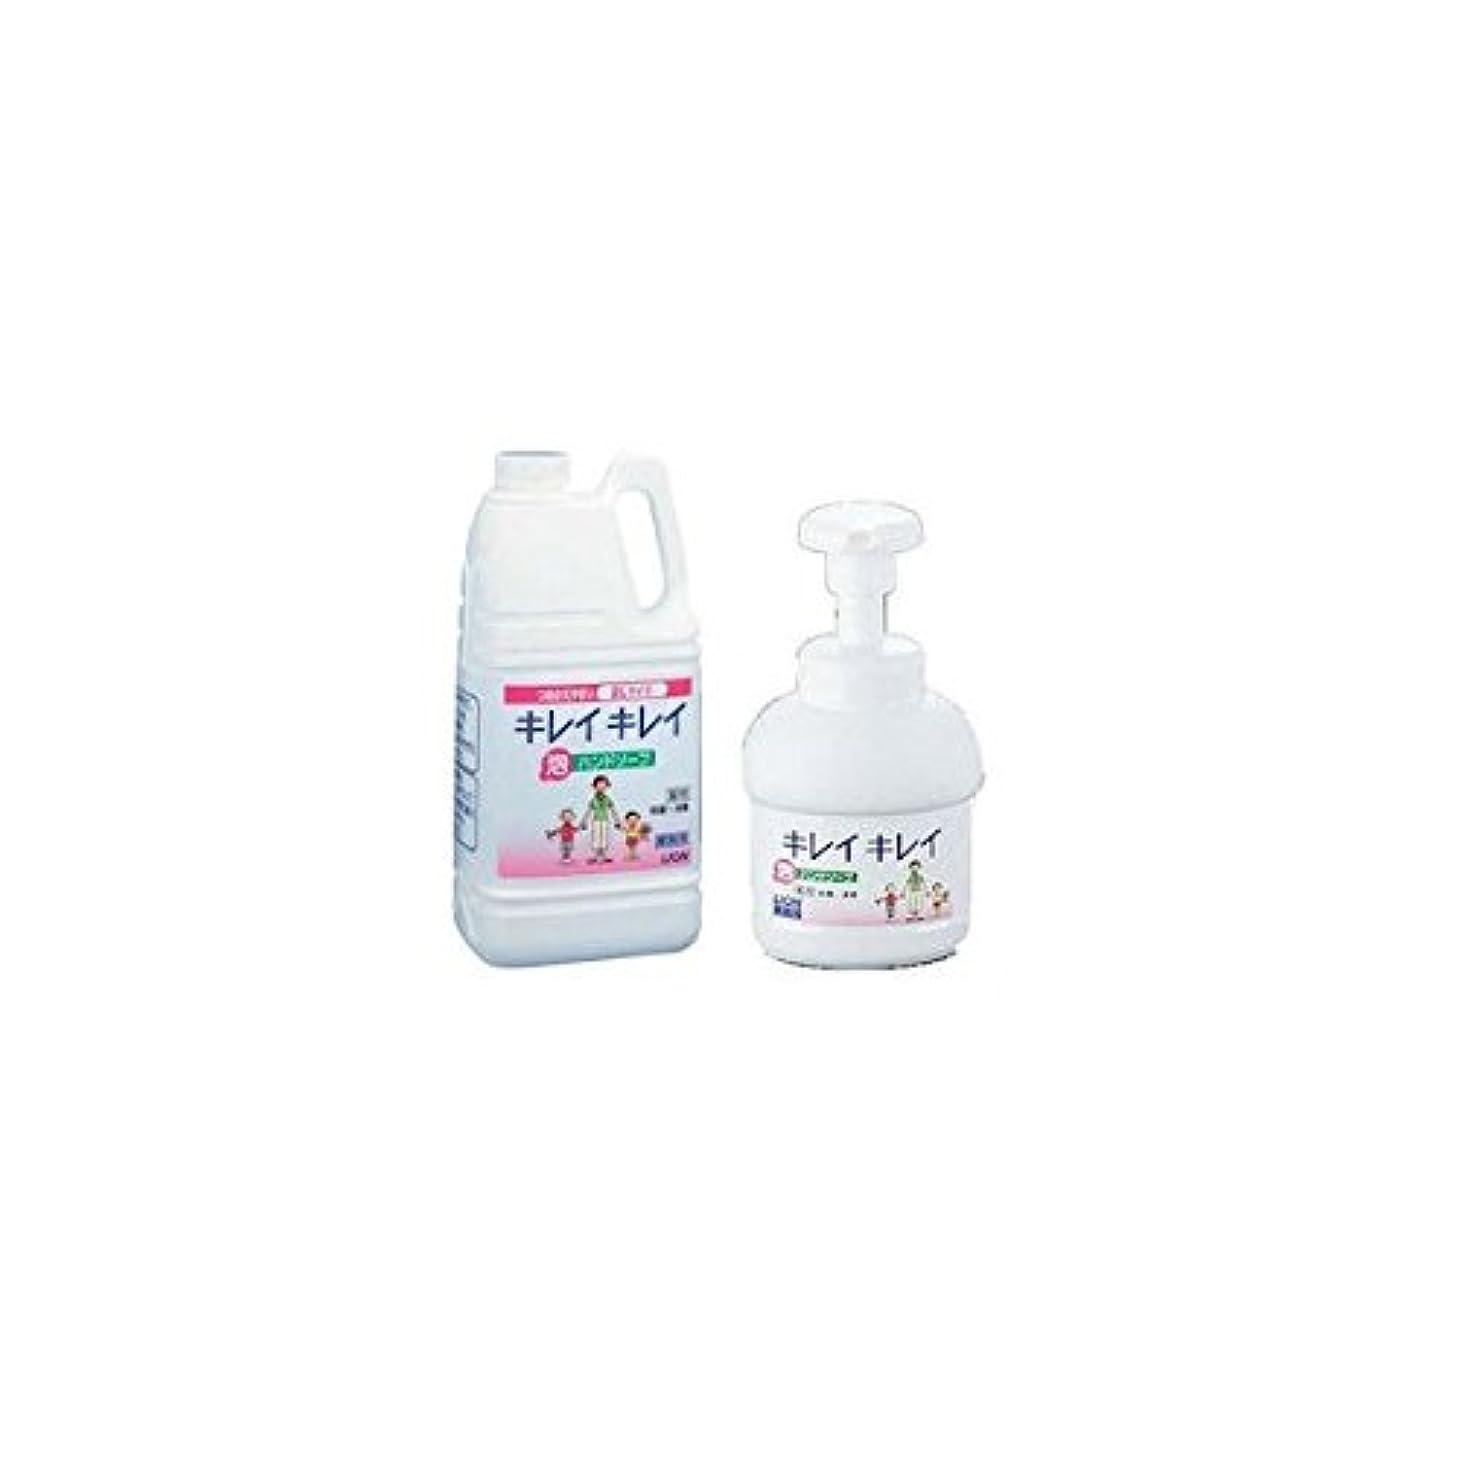 違うその他何でもライオン キレイキレイ薬用泡ハンドソープ 2L(250MLポンプ付) 【品番】JHV2501